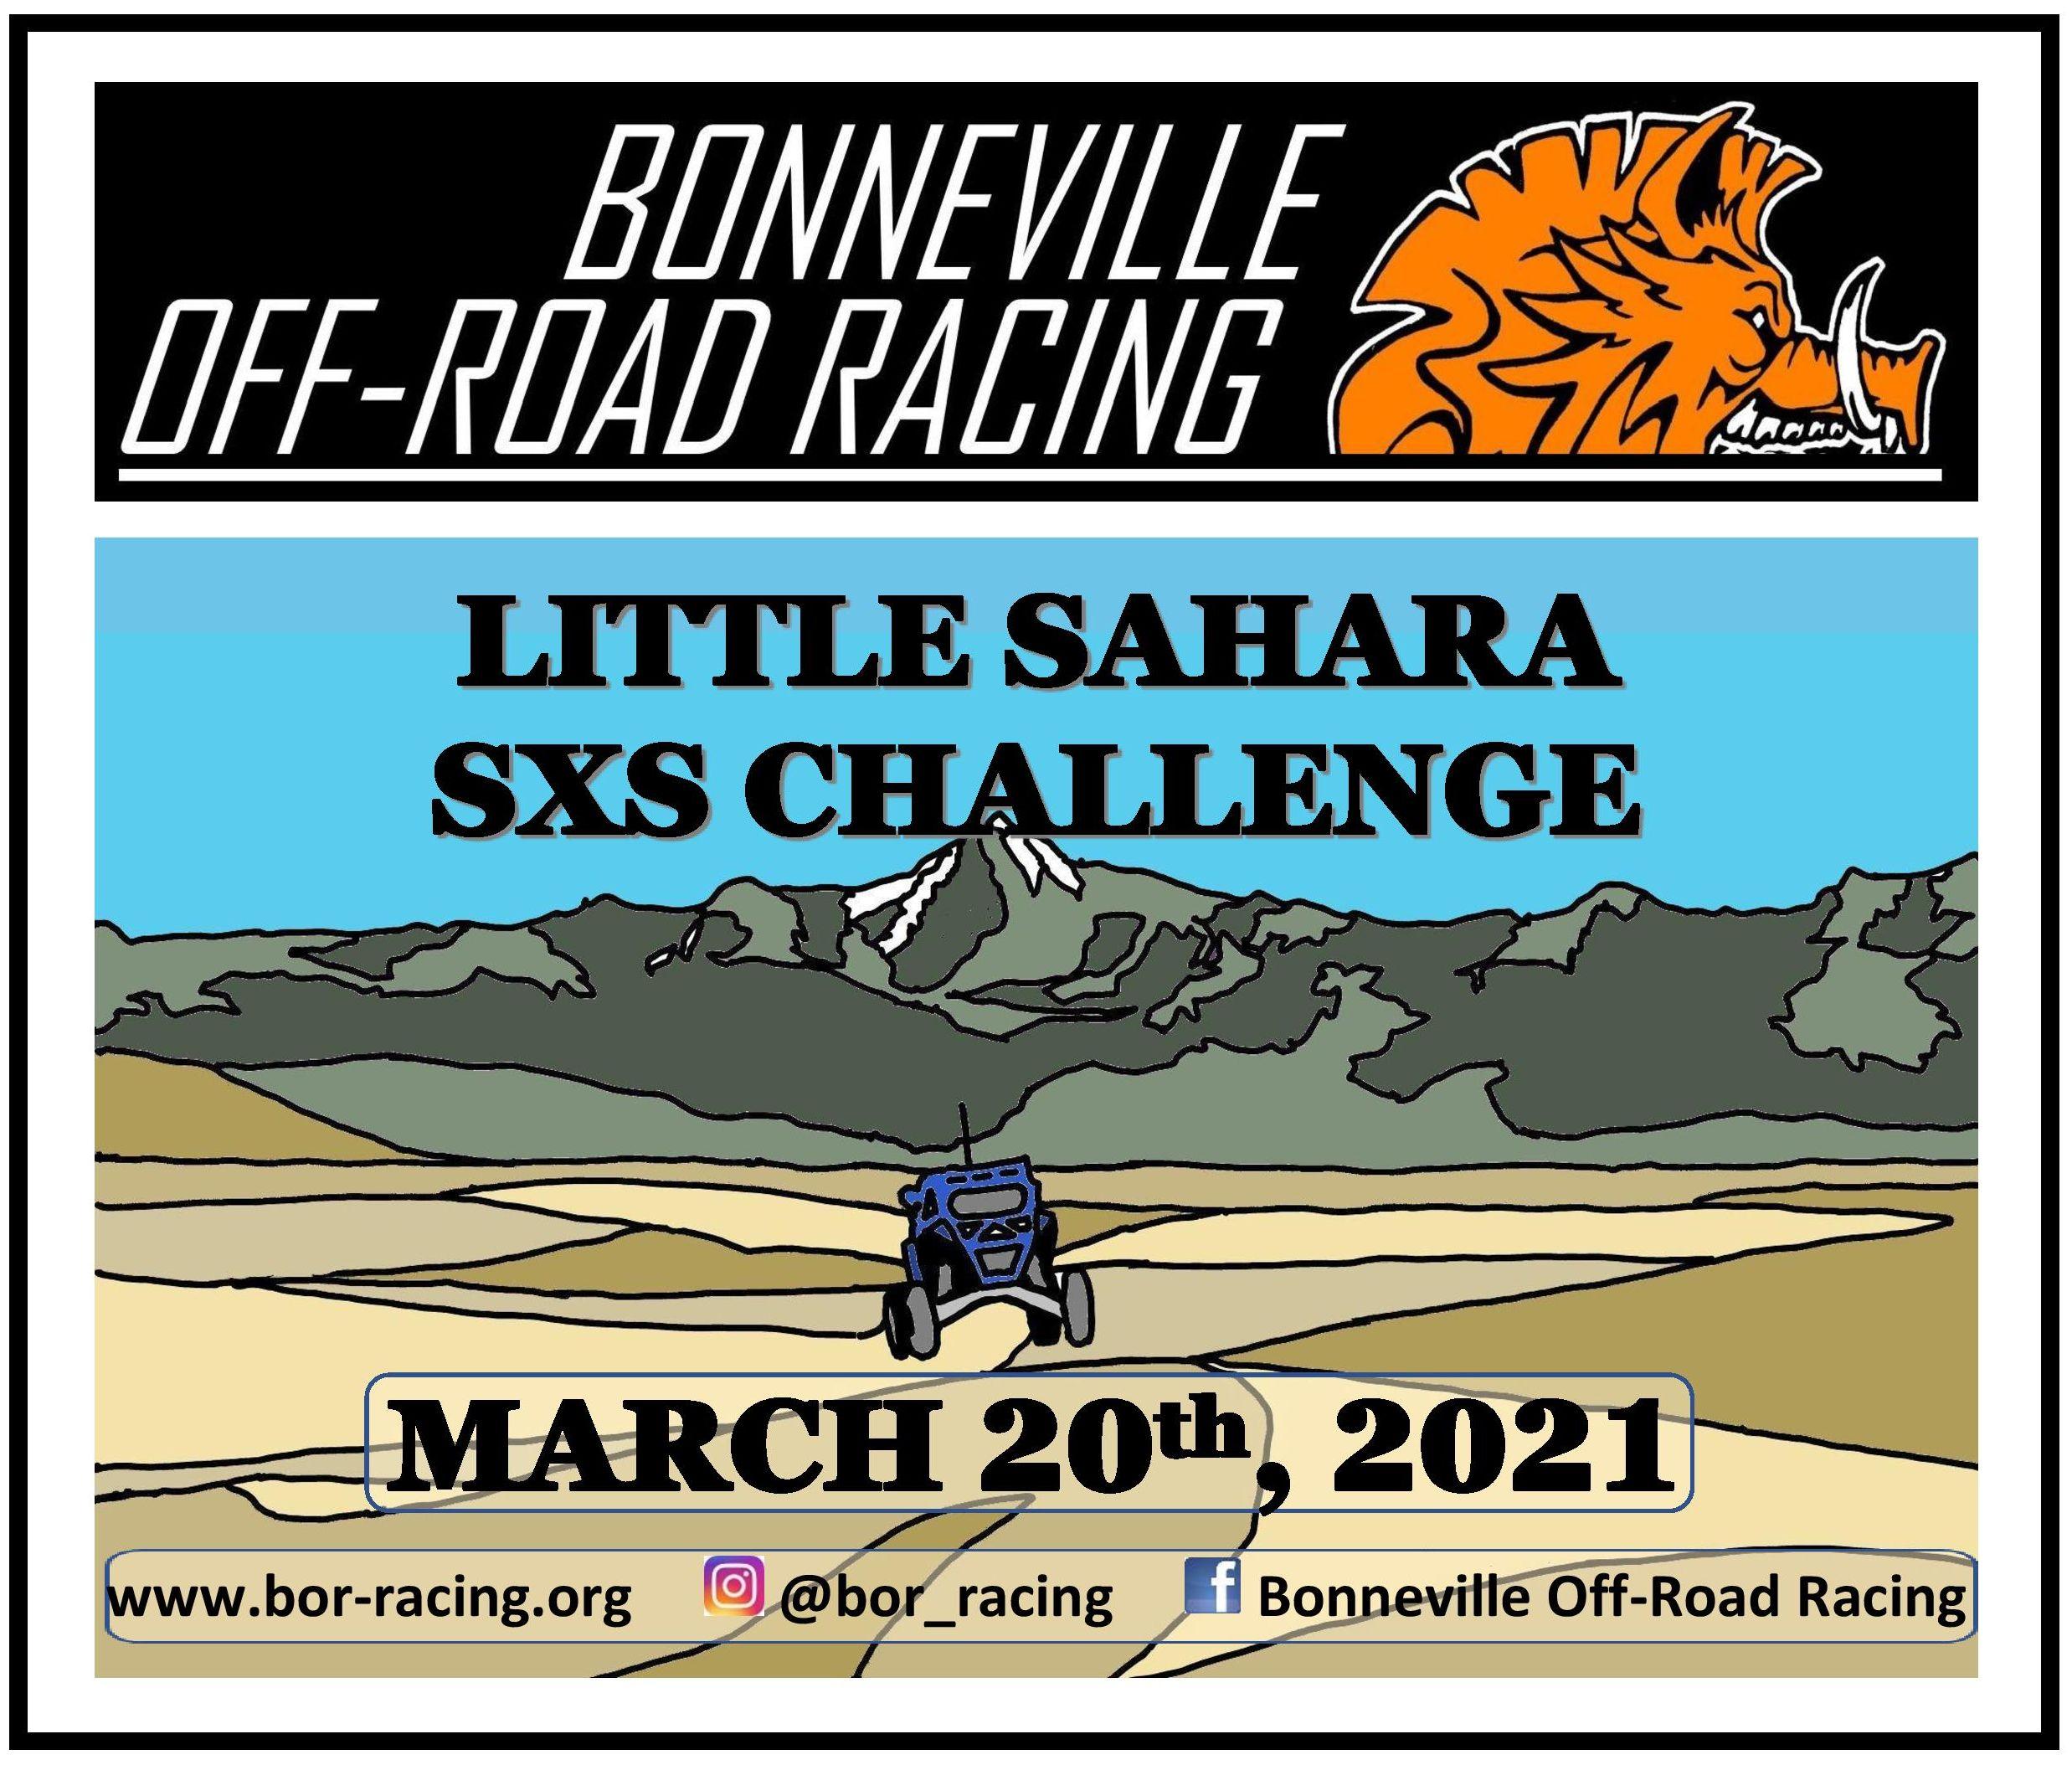 Little Sahara 2021 IG Banner.jpg